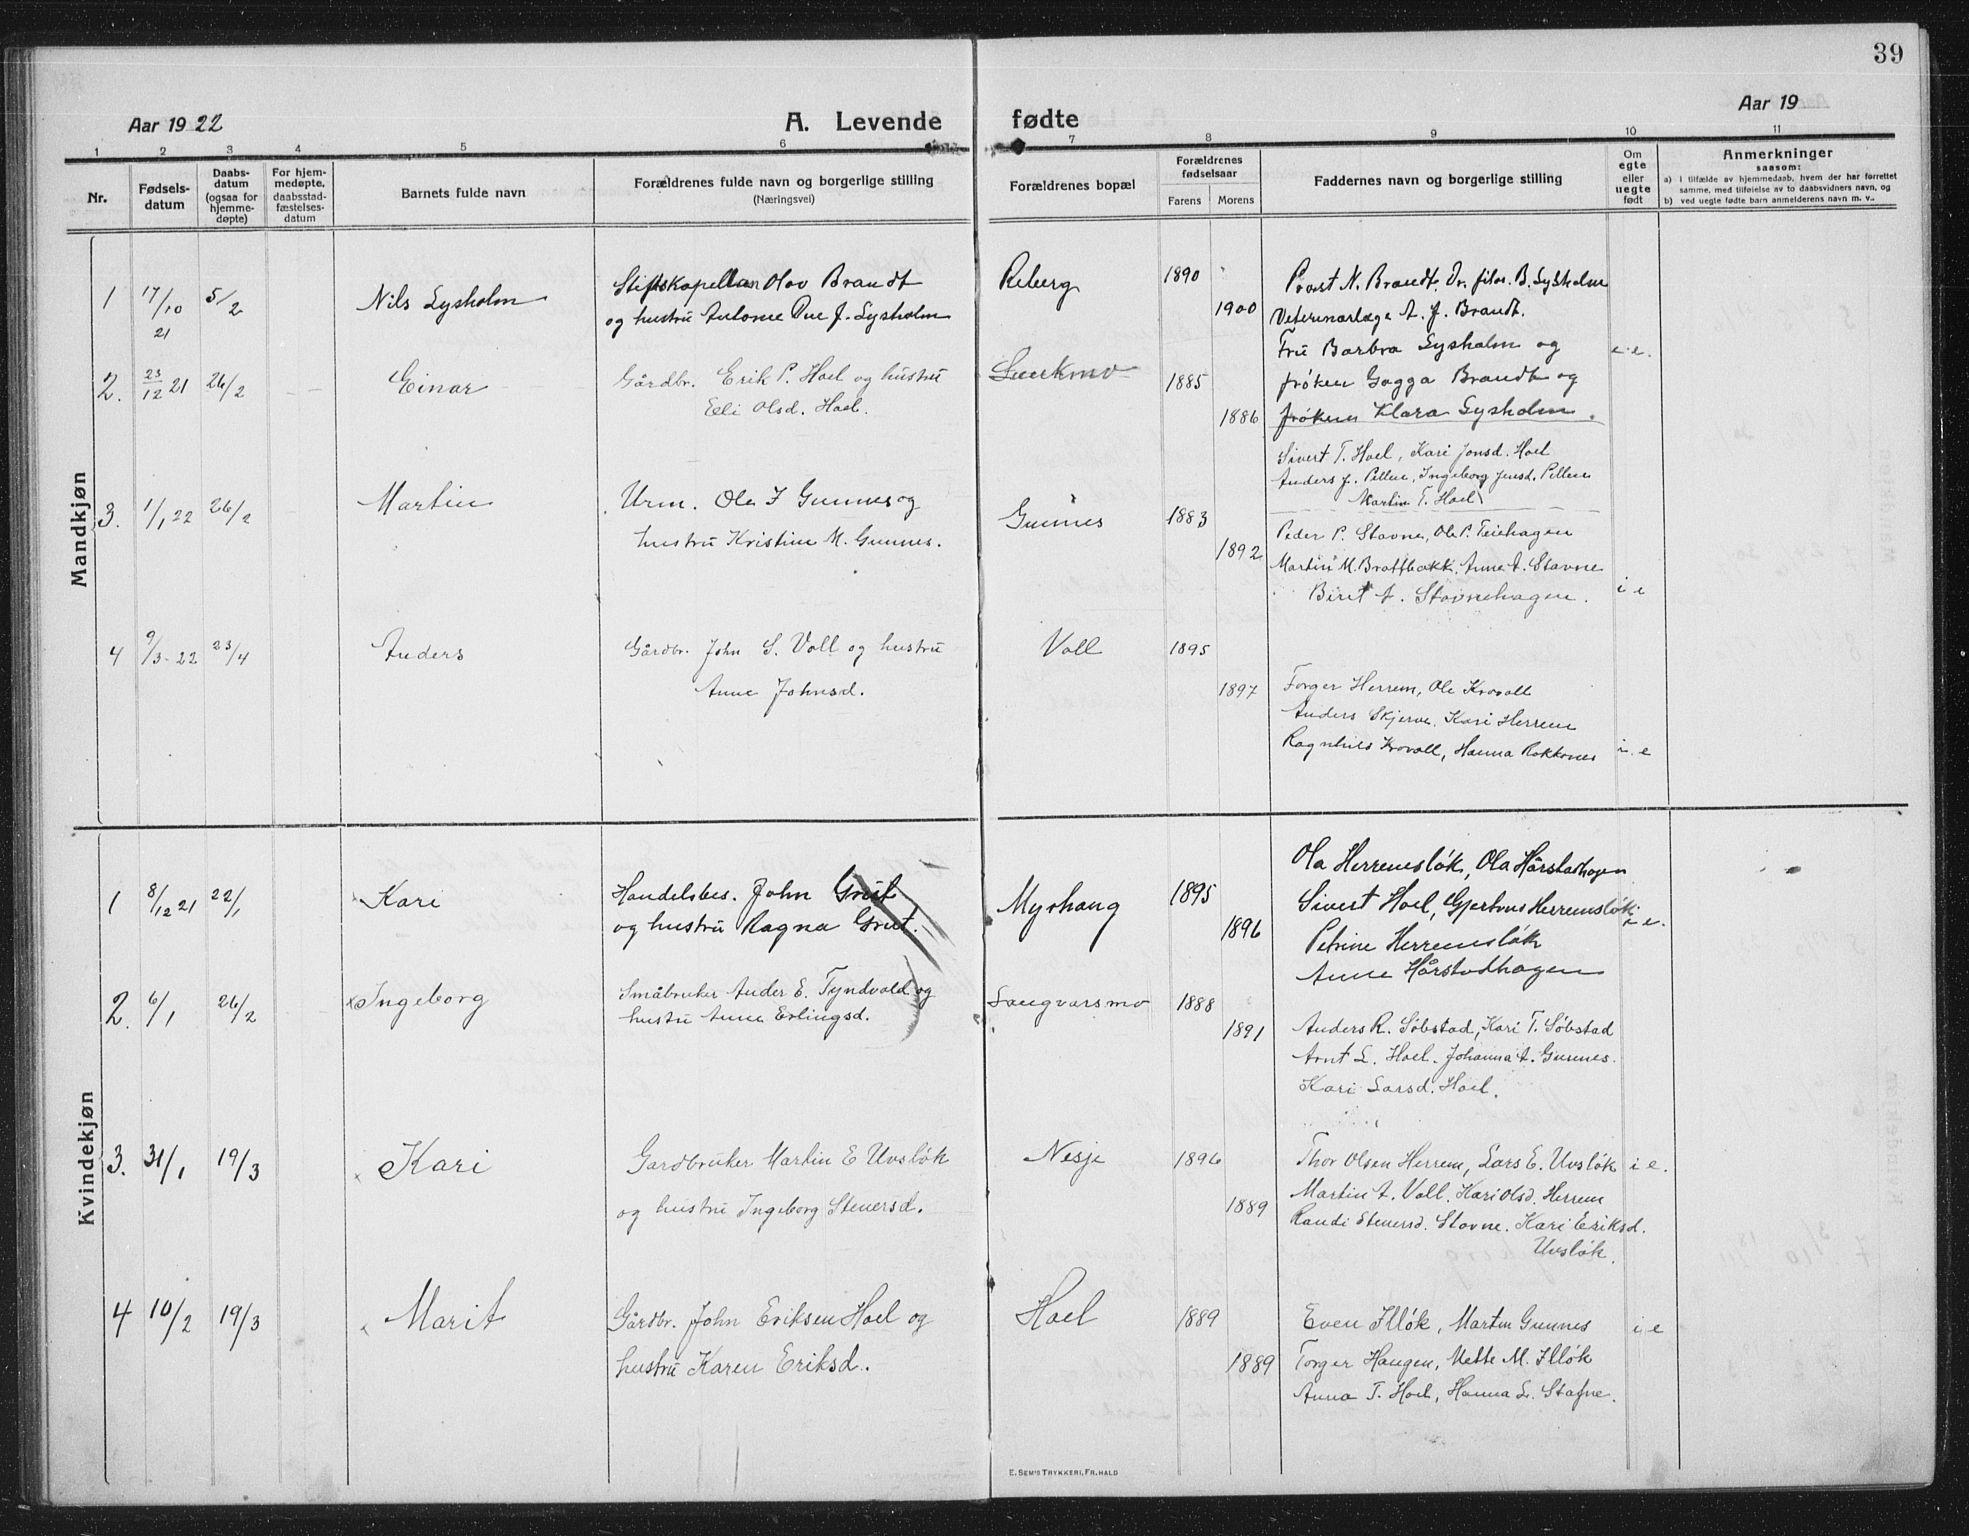 SAT, Ministerialprotokoller, klokkerbøker og fødselsregistre - Sør-Trøndelag, 674/L0877: Klokkerbok nr. 674C04, 1913-1940, s. 39